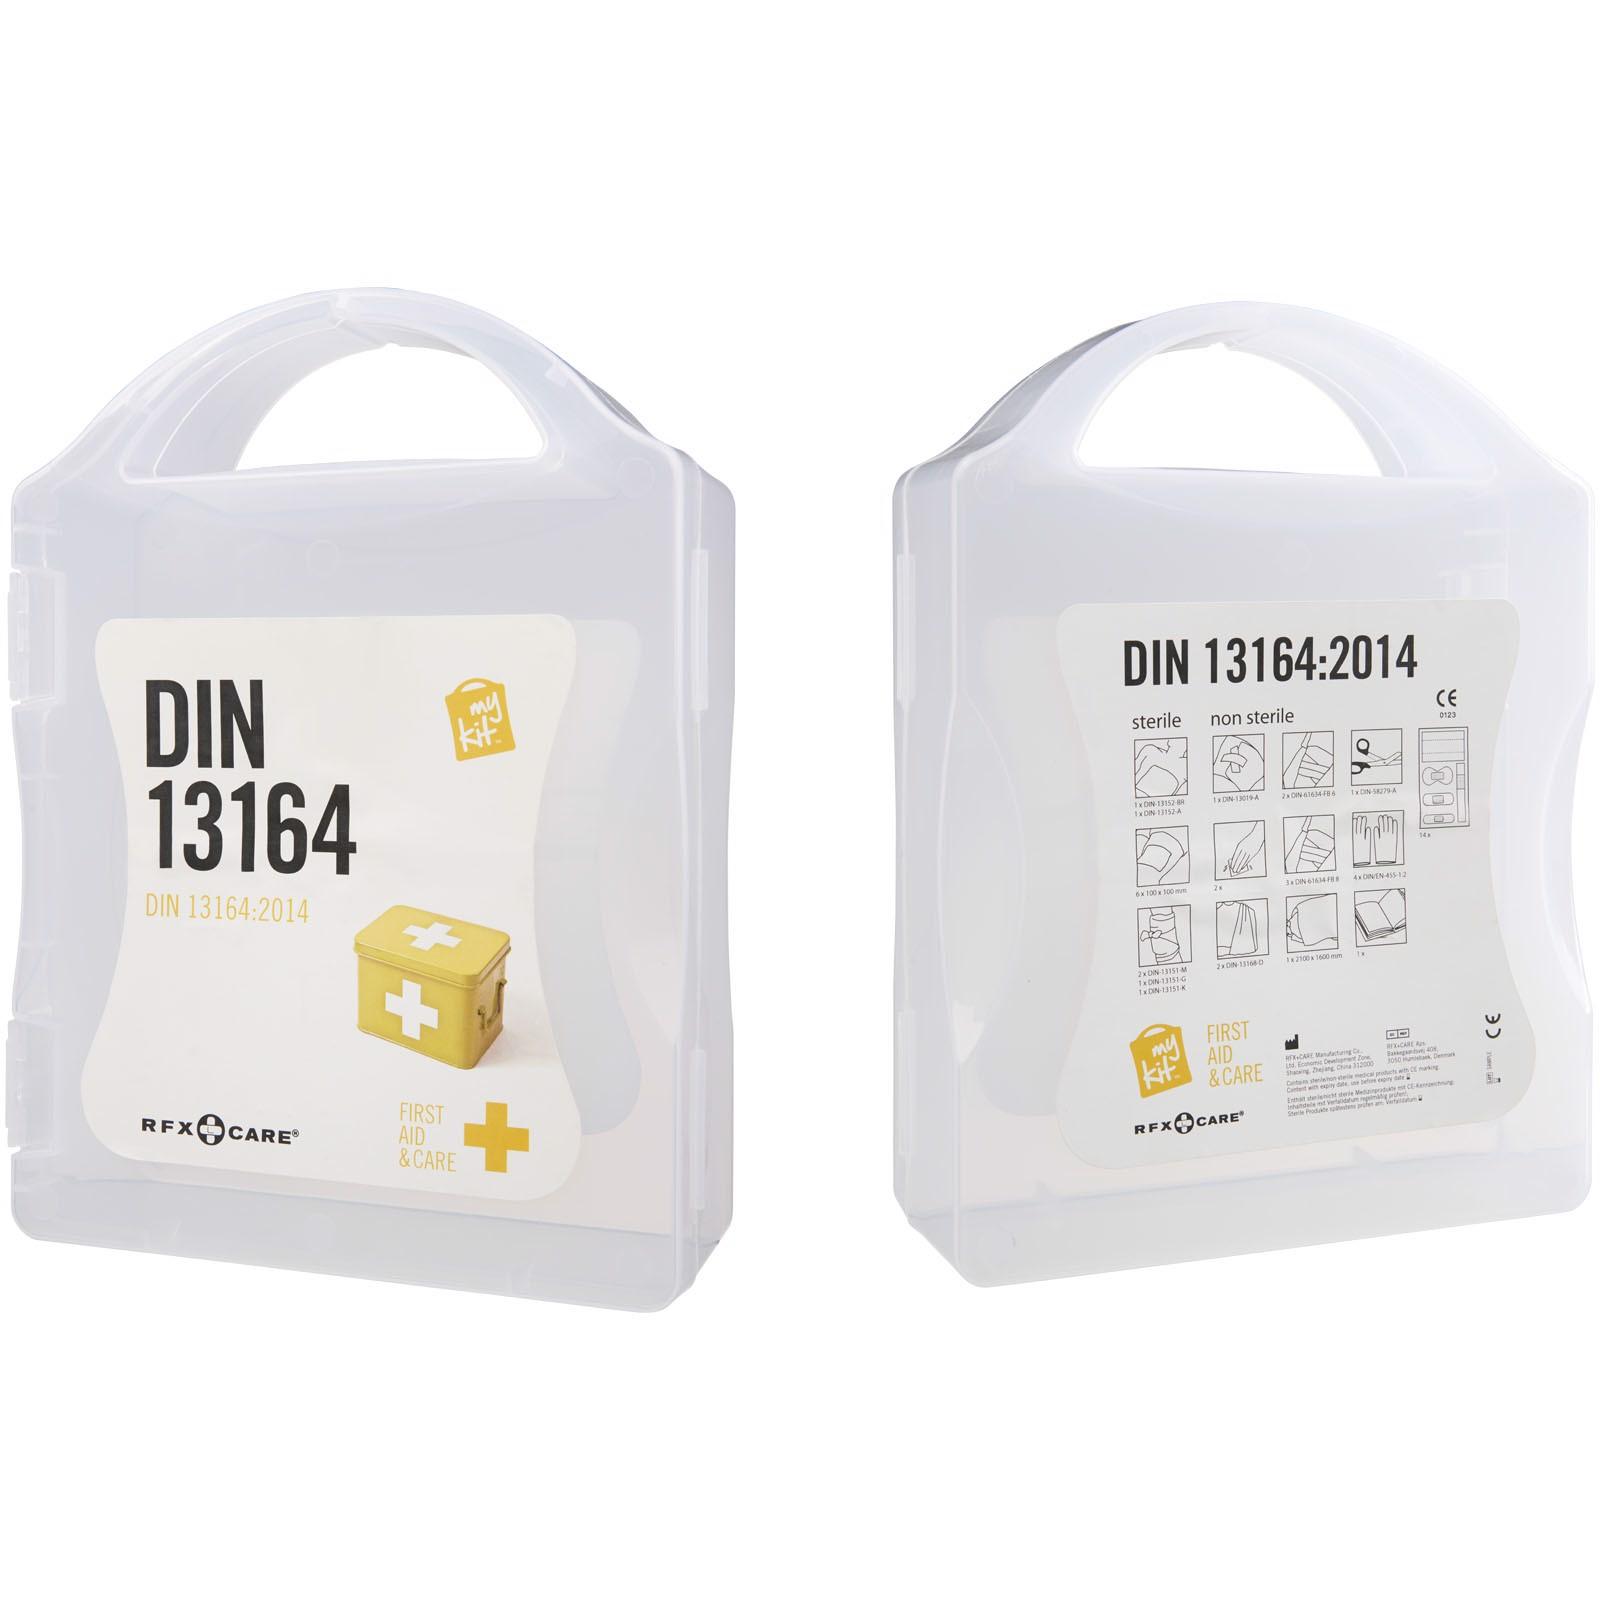 MyKit Erste-Hilfe DIN 13164 - weiss